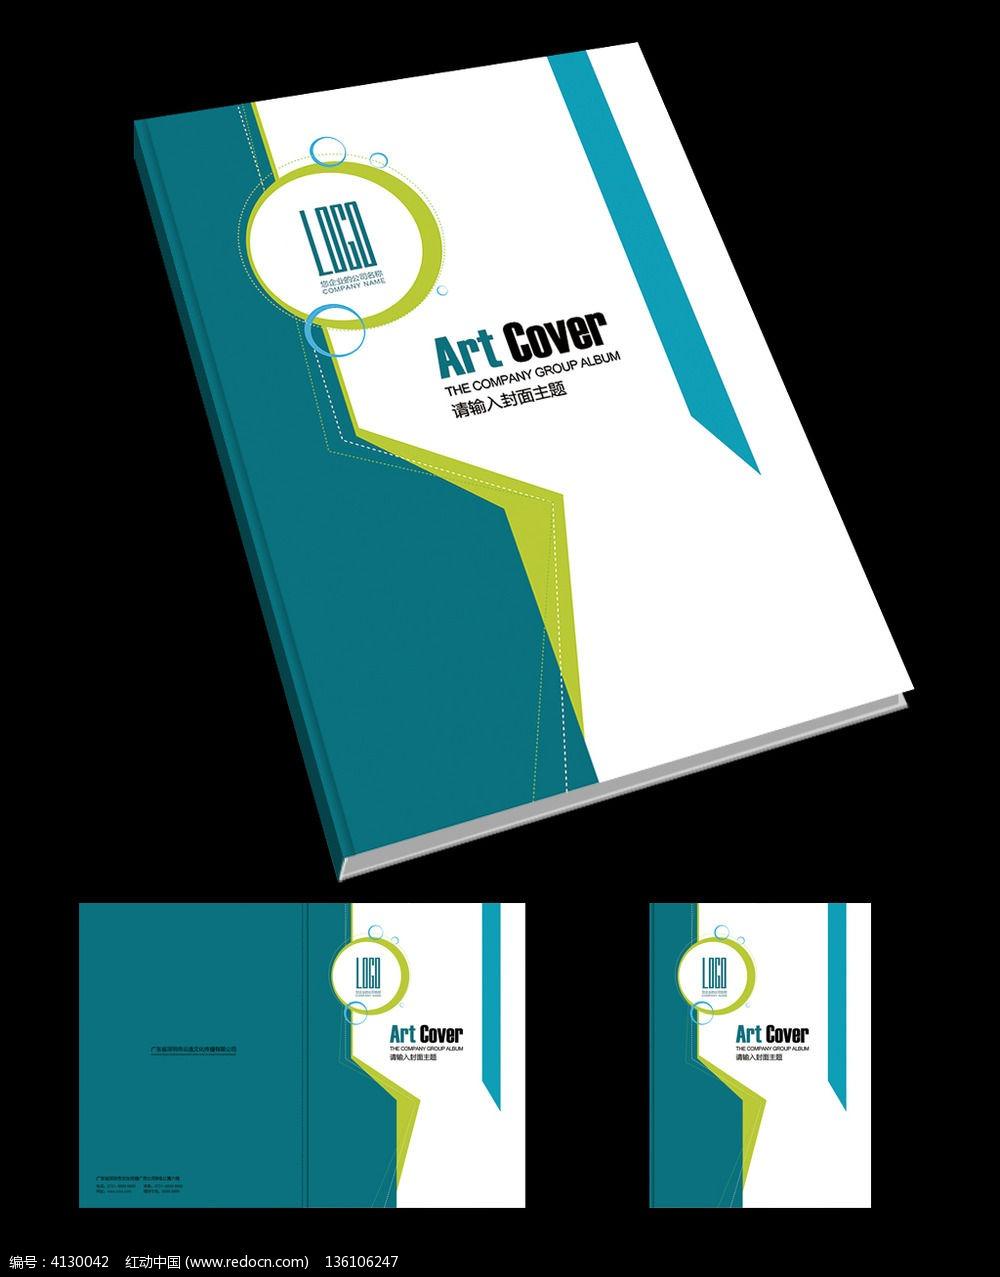 原创设计稿 画册设计/书籍/菜谱 封面设计 创意电子产品宣传册封面图片